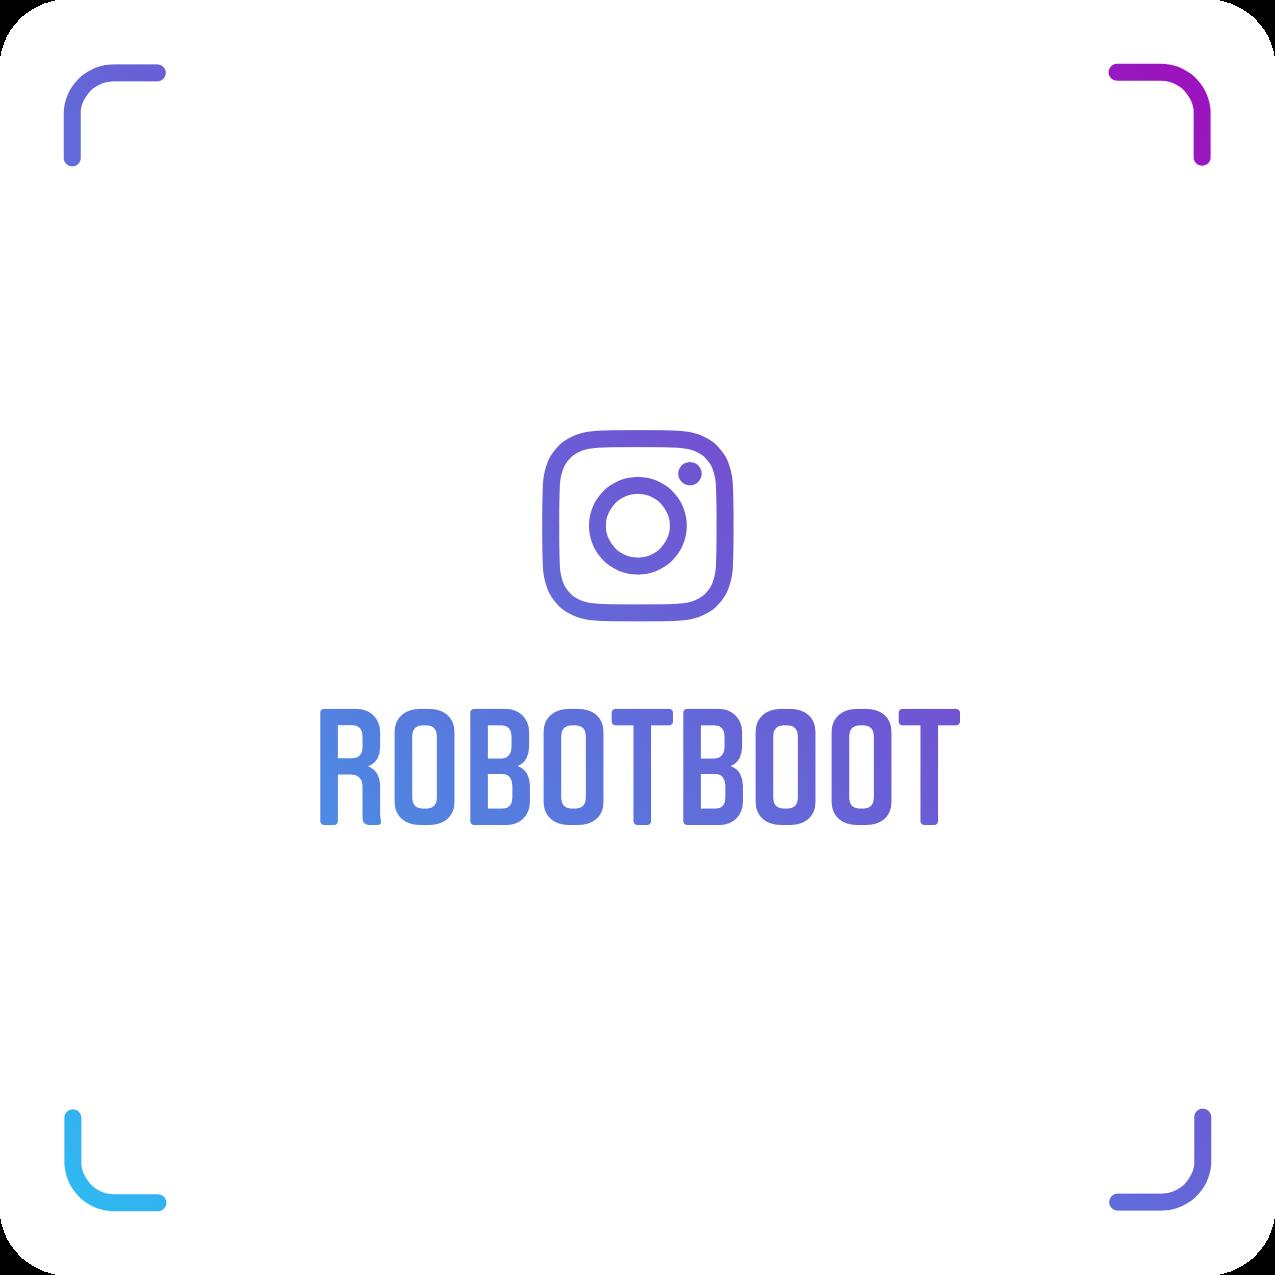 robotboot_nametag.png